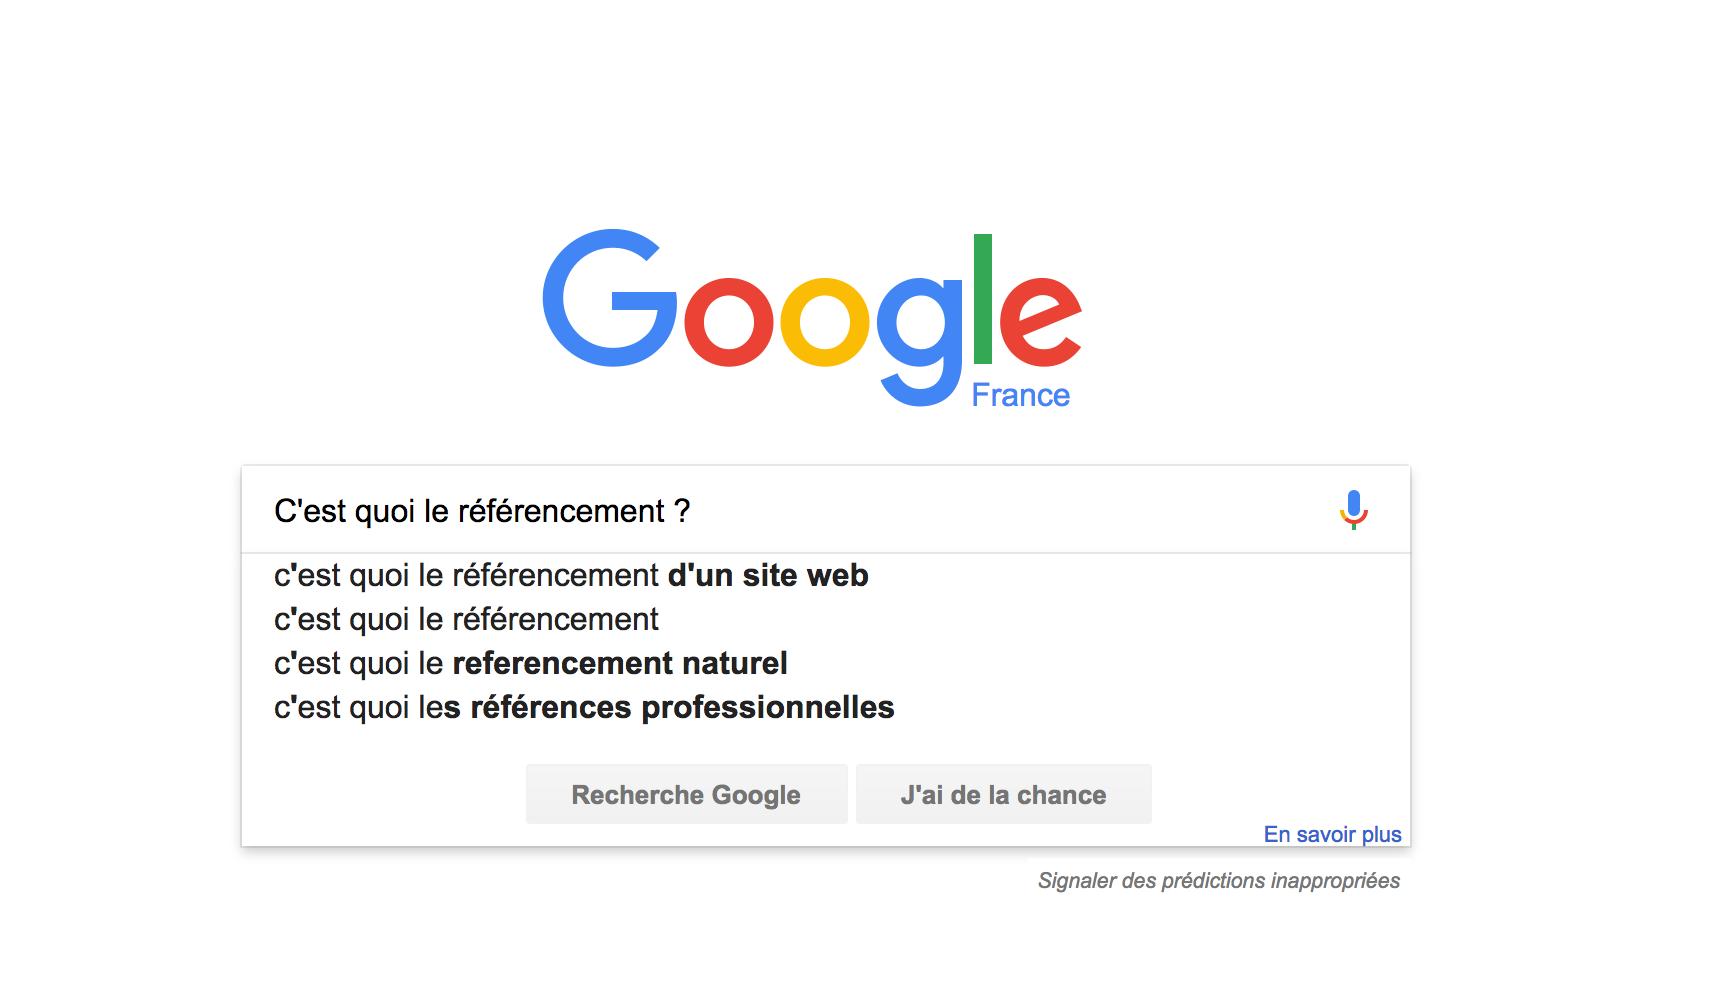 9 novembre – Référencement naturel, payant, Google & cie : j'y comprends rien, au secours !!!